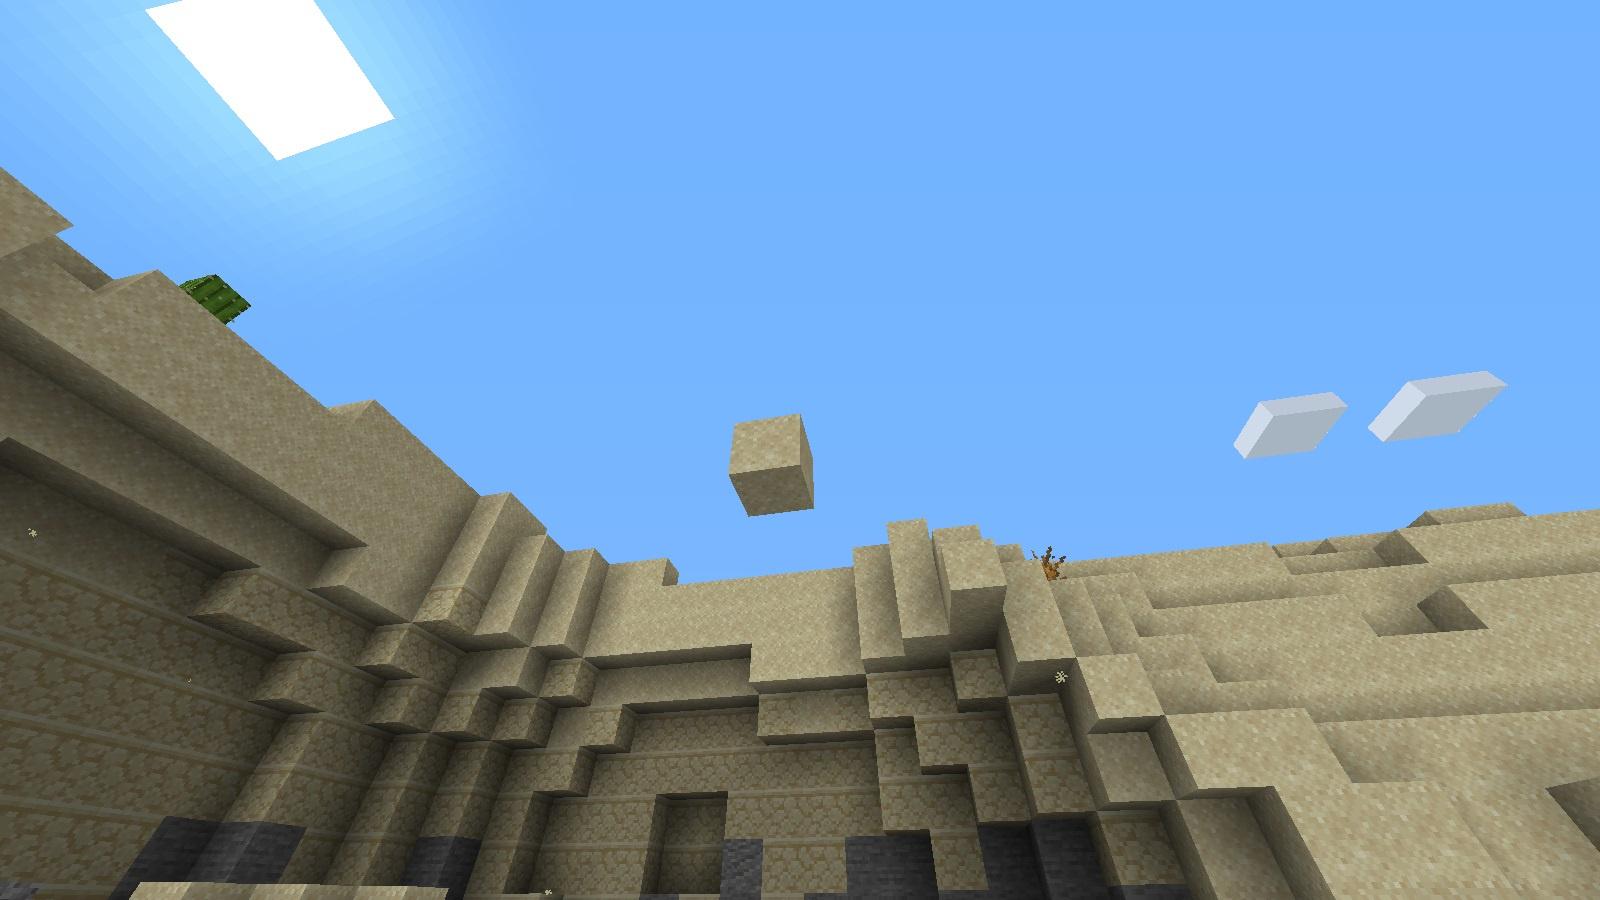 Arena flotante en minecaft 1.15.1 - meme